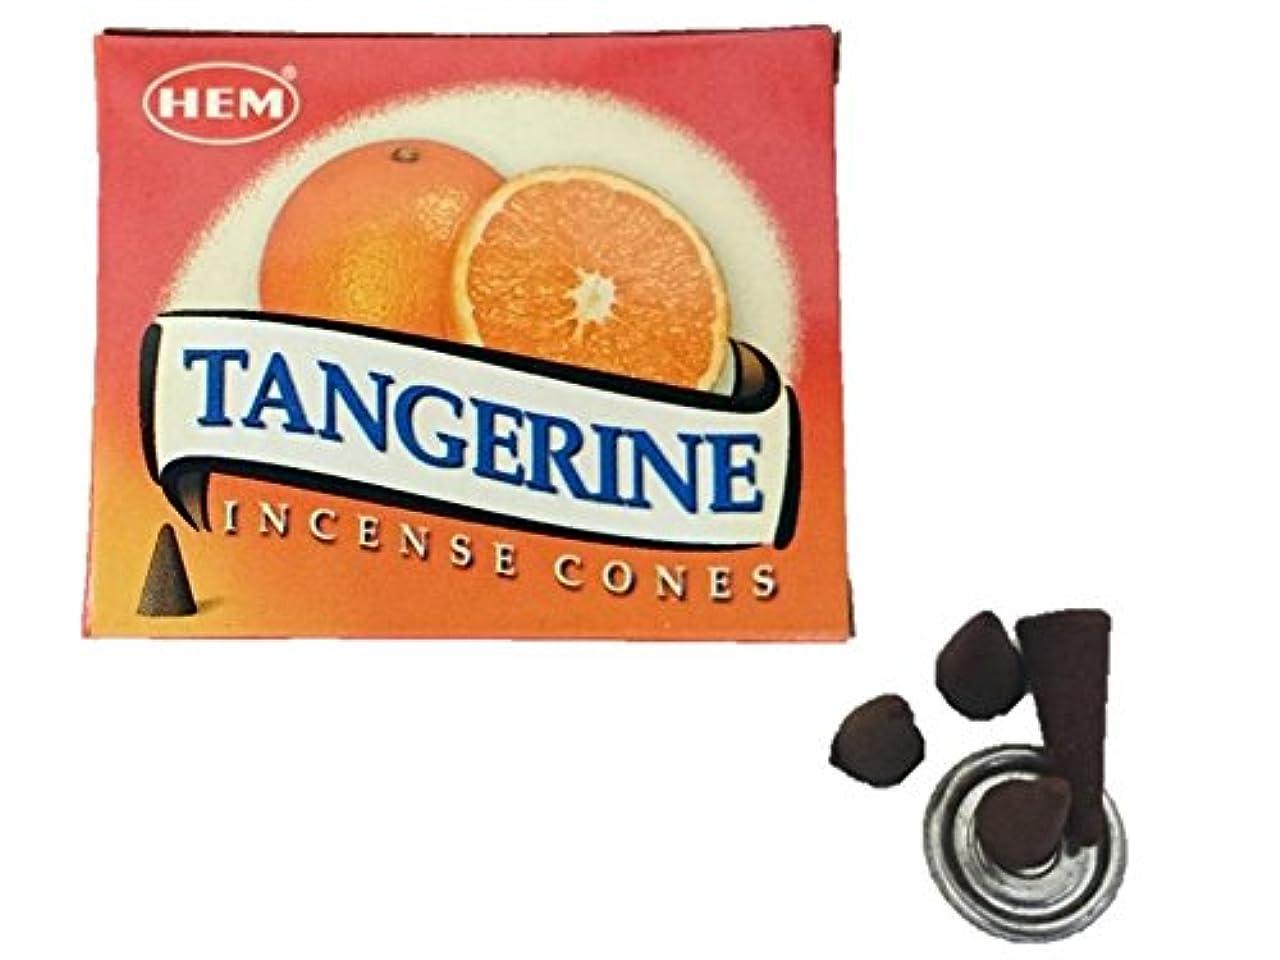 ベアリングサークル切手スリットHEM(ヘム)お香 タンジェリン(オレンジ) コーン 1箱